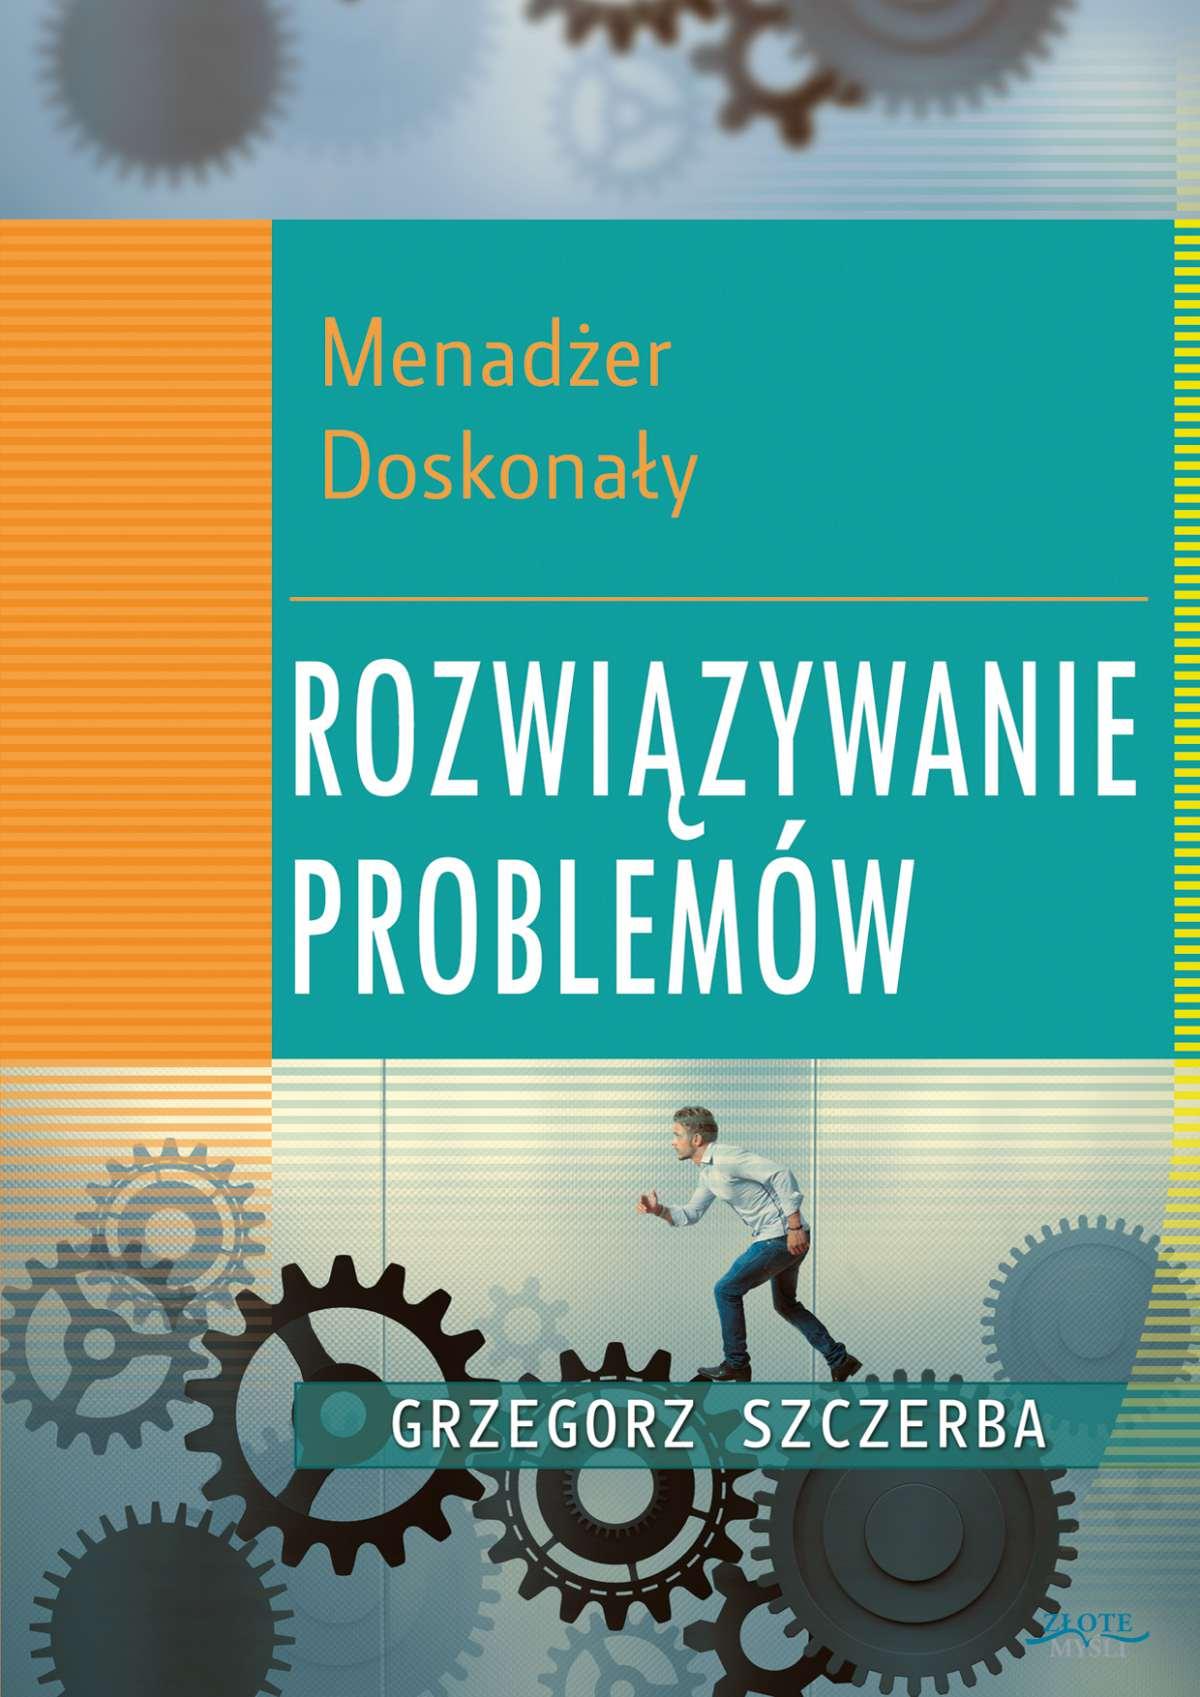 Menadżer doskonały. Rozwiązywanie problemów - Ebook (Książka PDF) do pobrania w formacie PDF